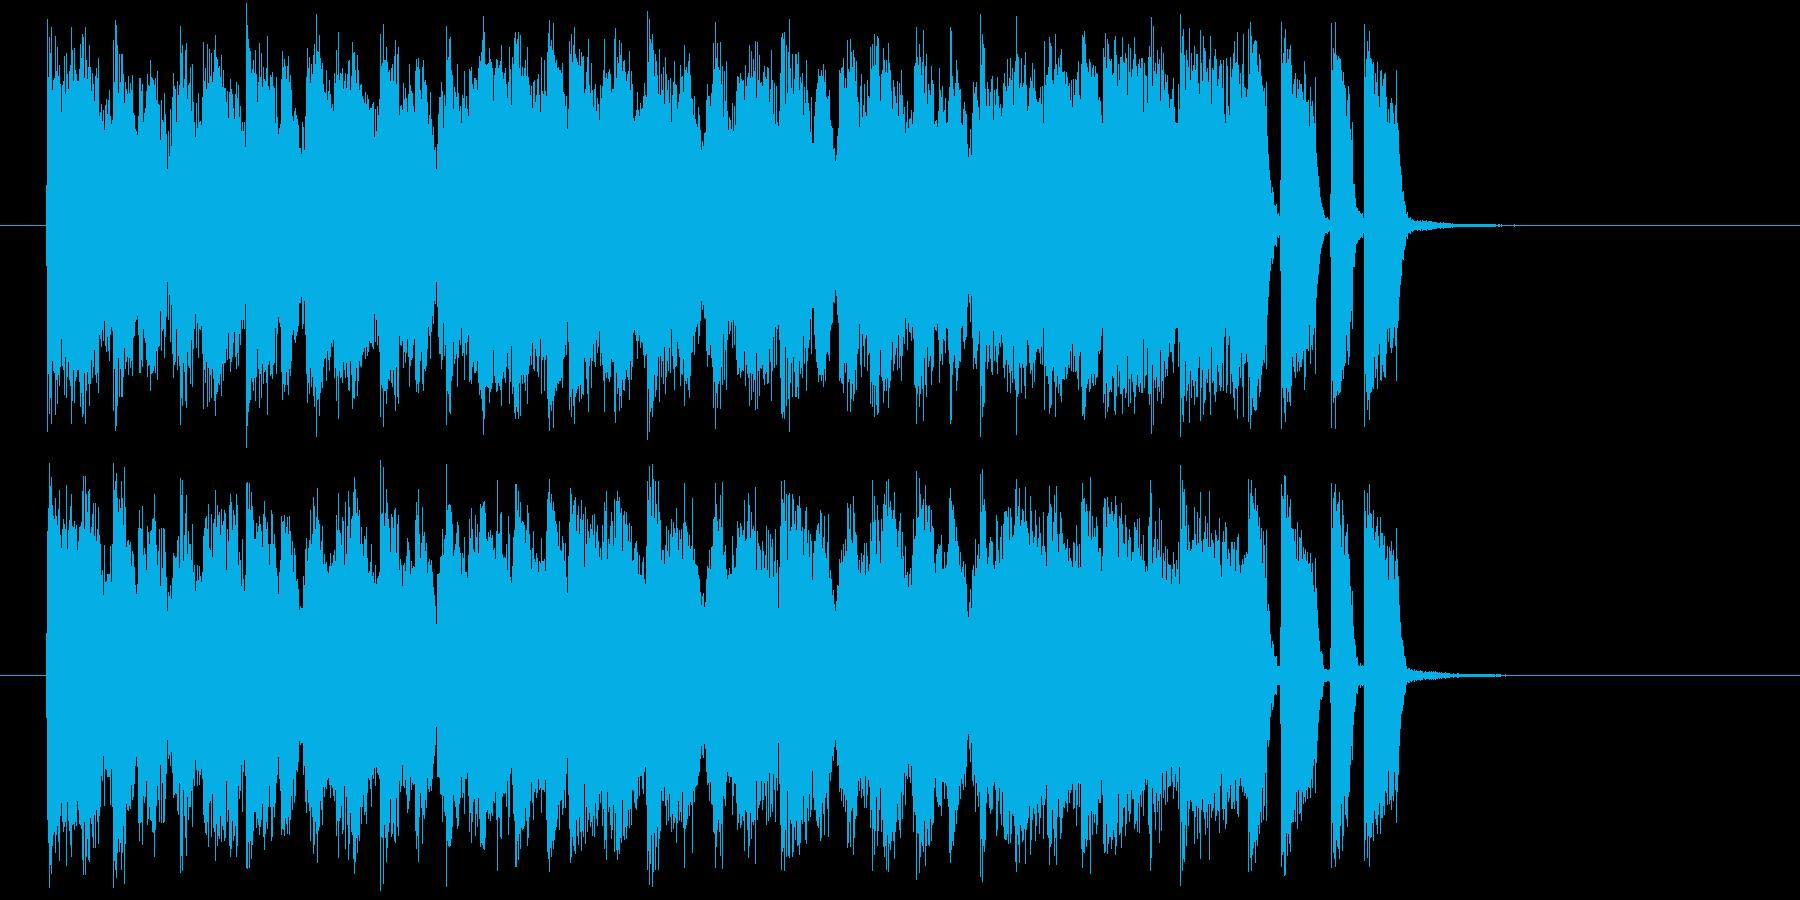 シンセとベースによるスウィングジャズの再生済みの波形